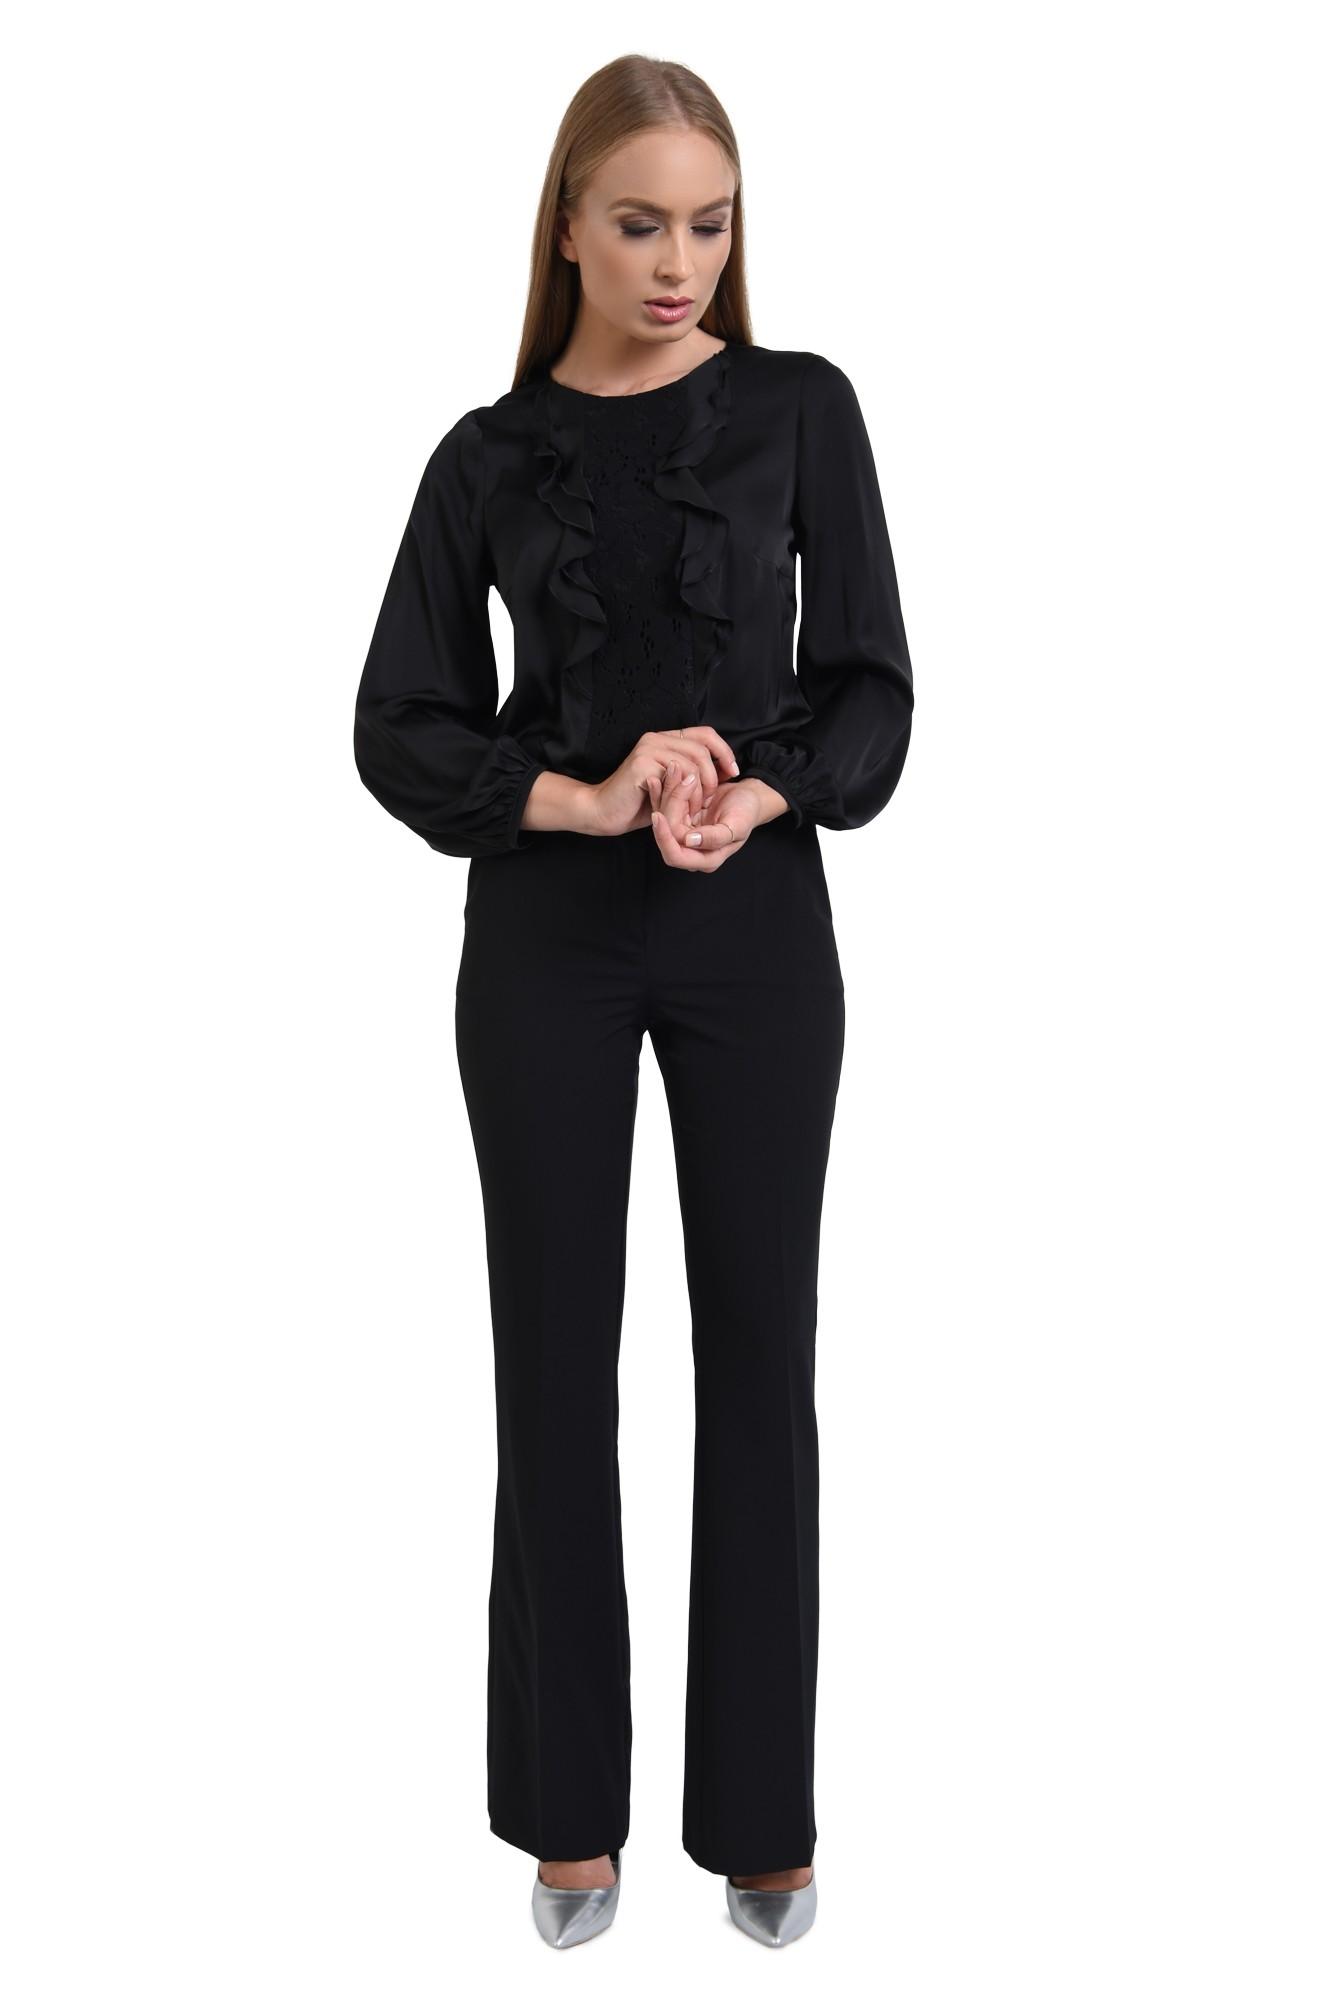 360 - bluza eleganta, cu volane, dantela aplicata, maneci lungi, mansete elastice